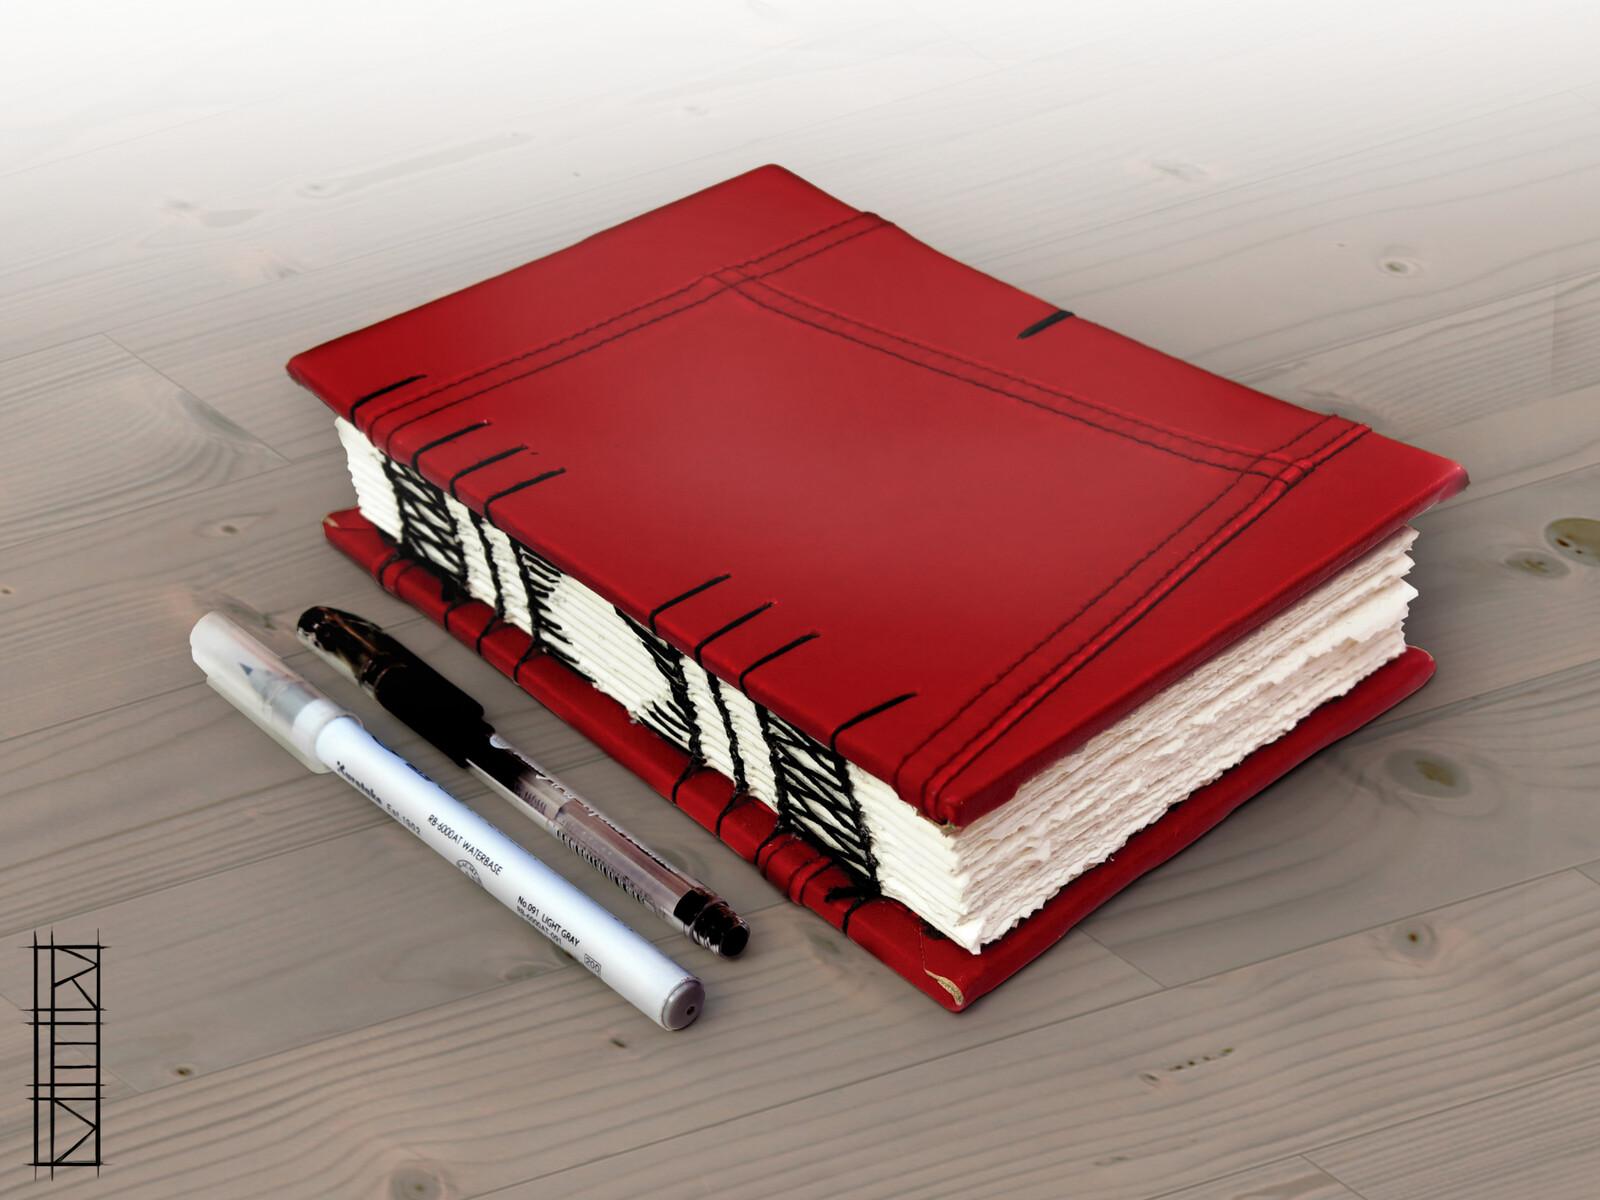 Bookbinding Series No. 5